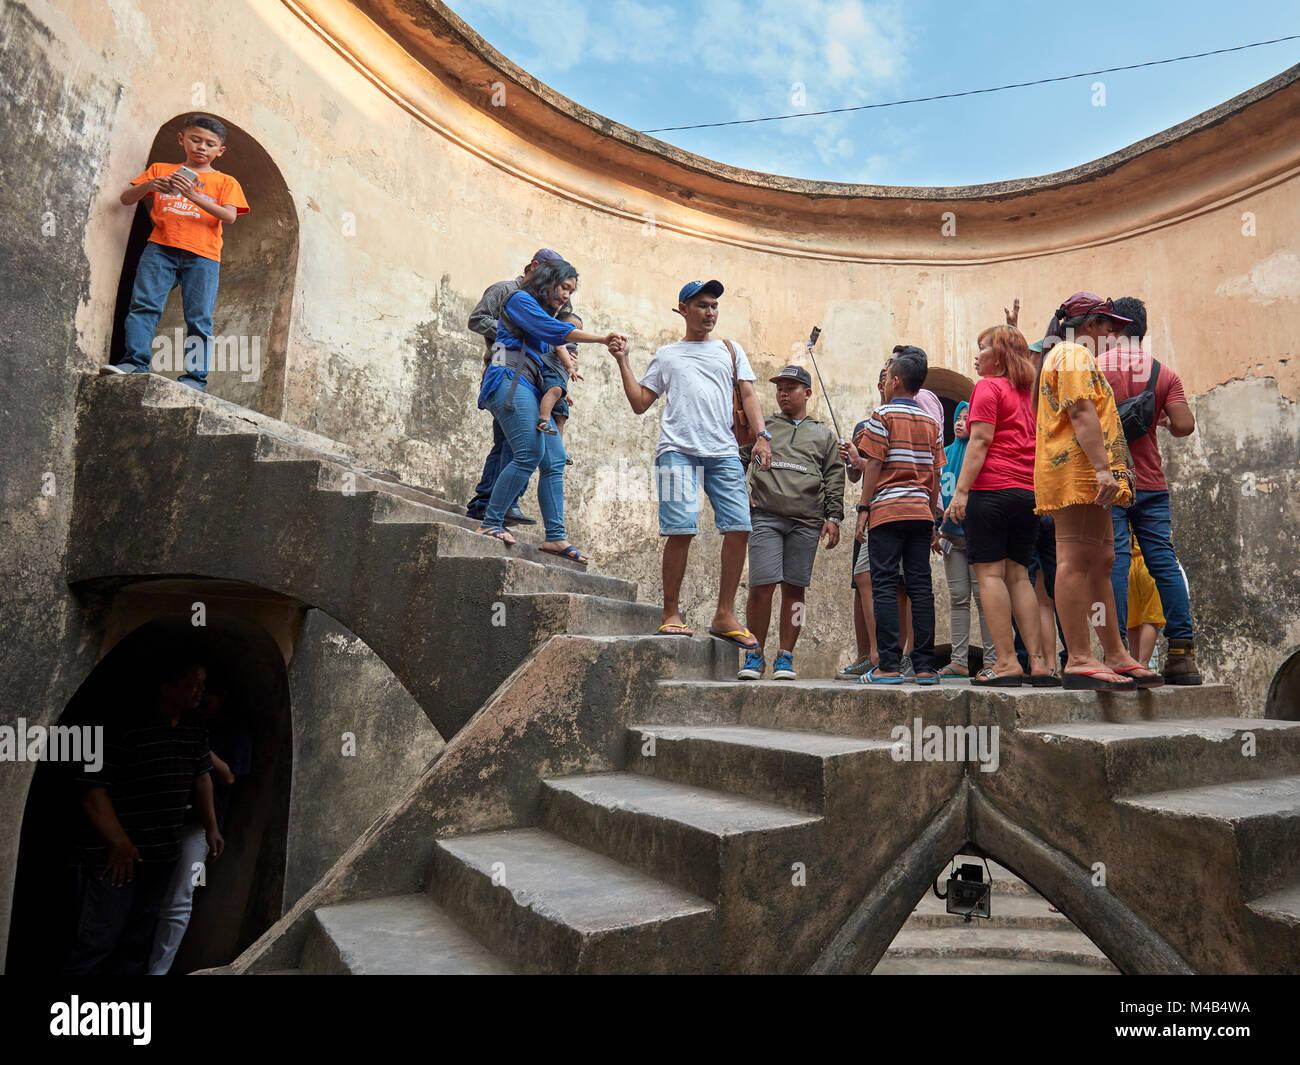 Menschen in Sumur Gumuling Gumuling (gut), 1-stöckigen zirkuläre Struktur, einmal als Moschee genutzt. Stockbild